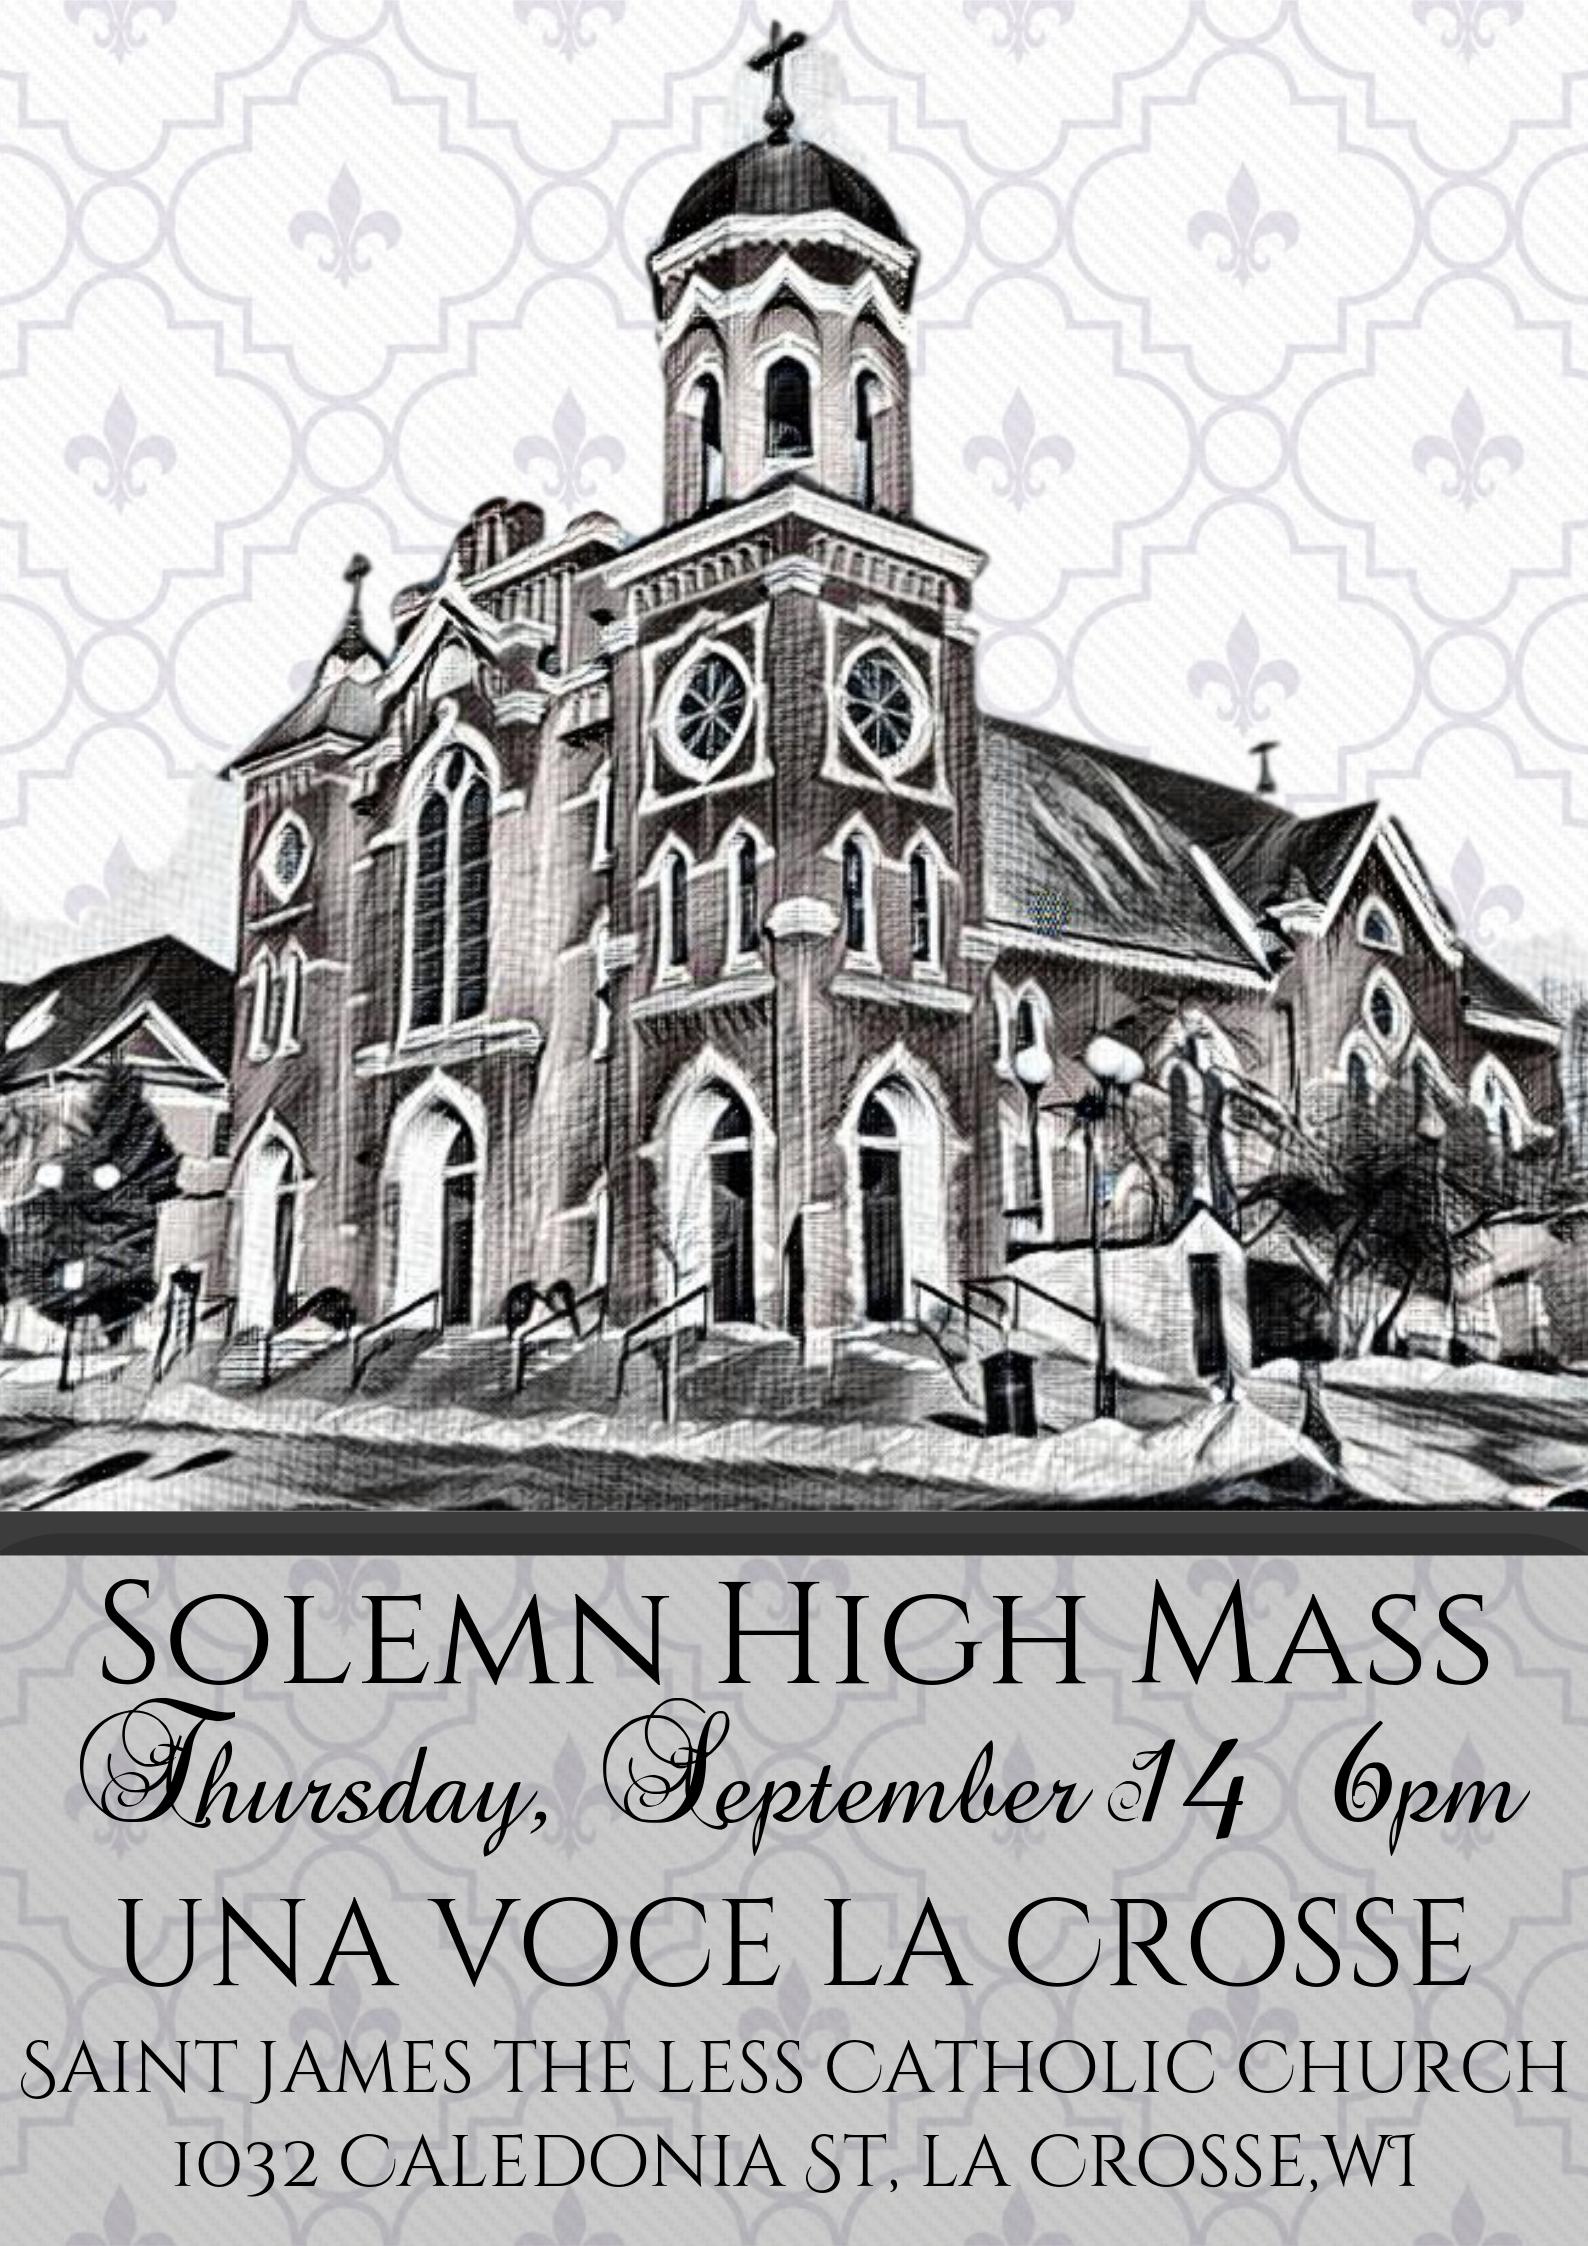 Solemn High Mass on Thursday, September 14, Exaltation of the Holy